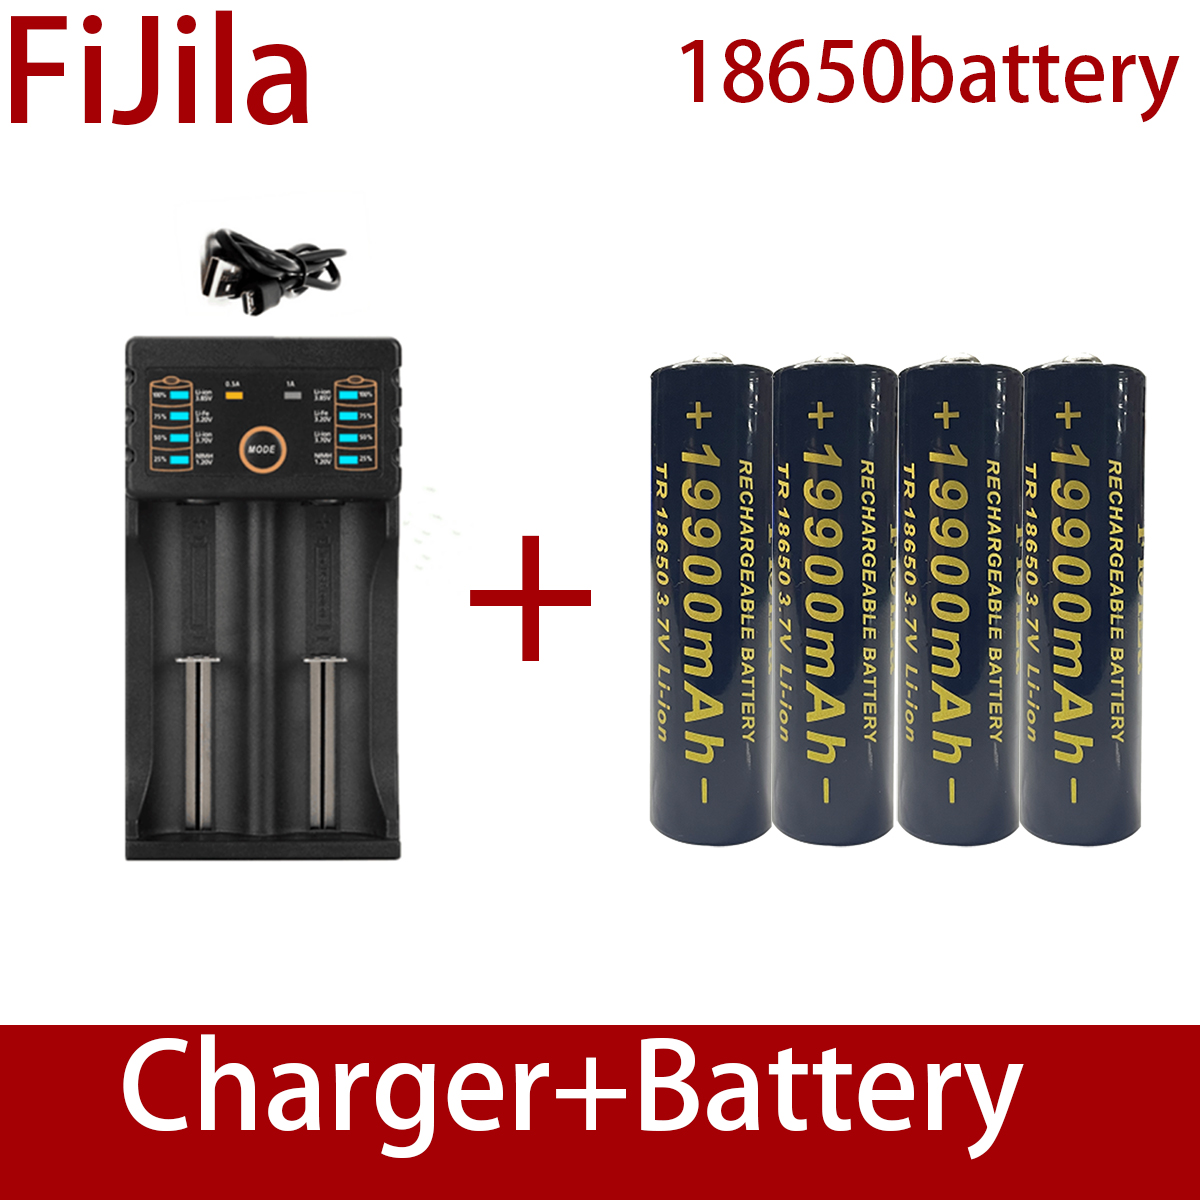 100% Новые 18650 литиевые батареи фонарик 18650 перезаряжаемая батарея 3,7 в 19900 мАч для фонарика + зарядное устройство